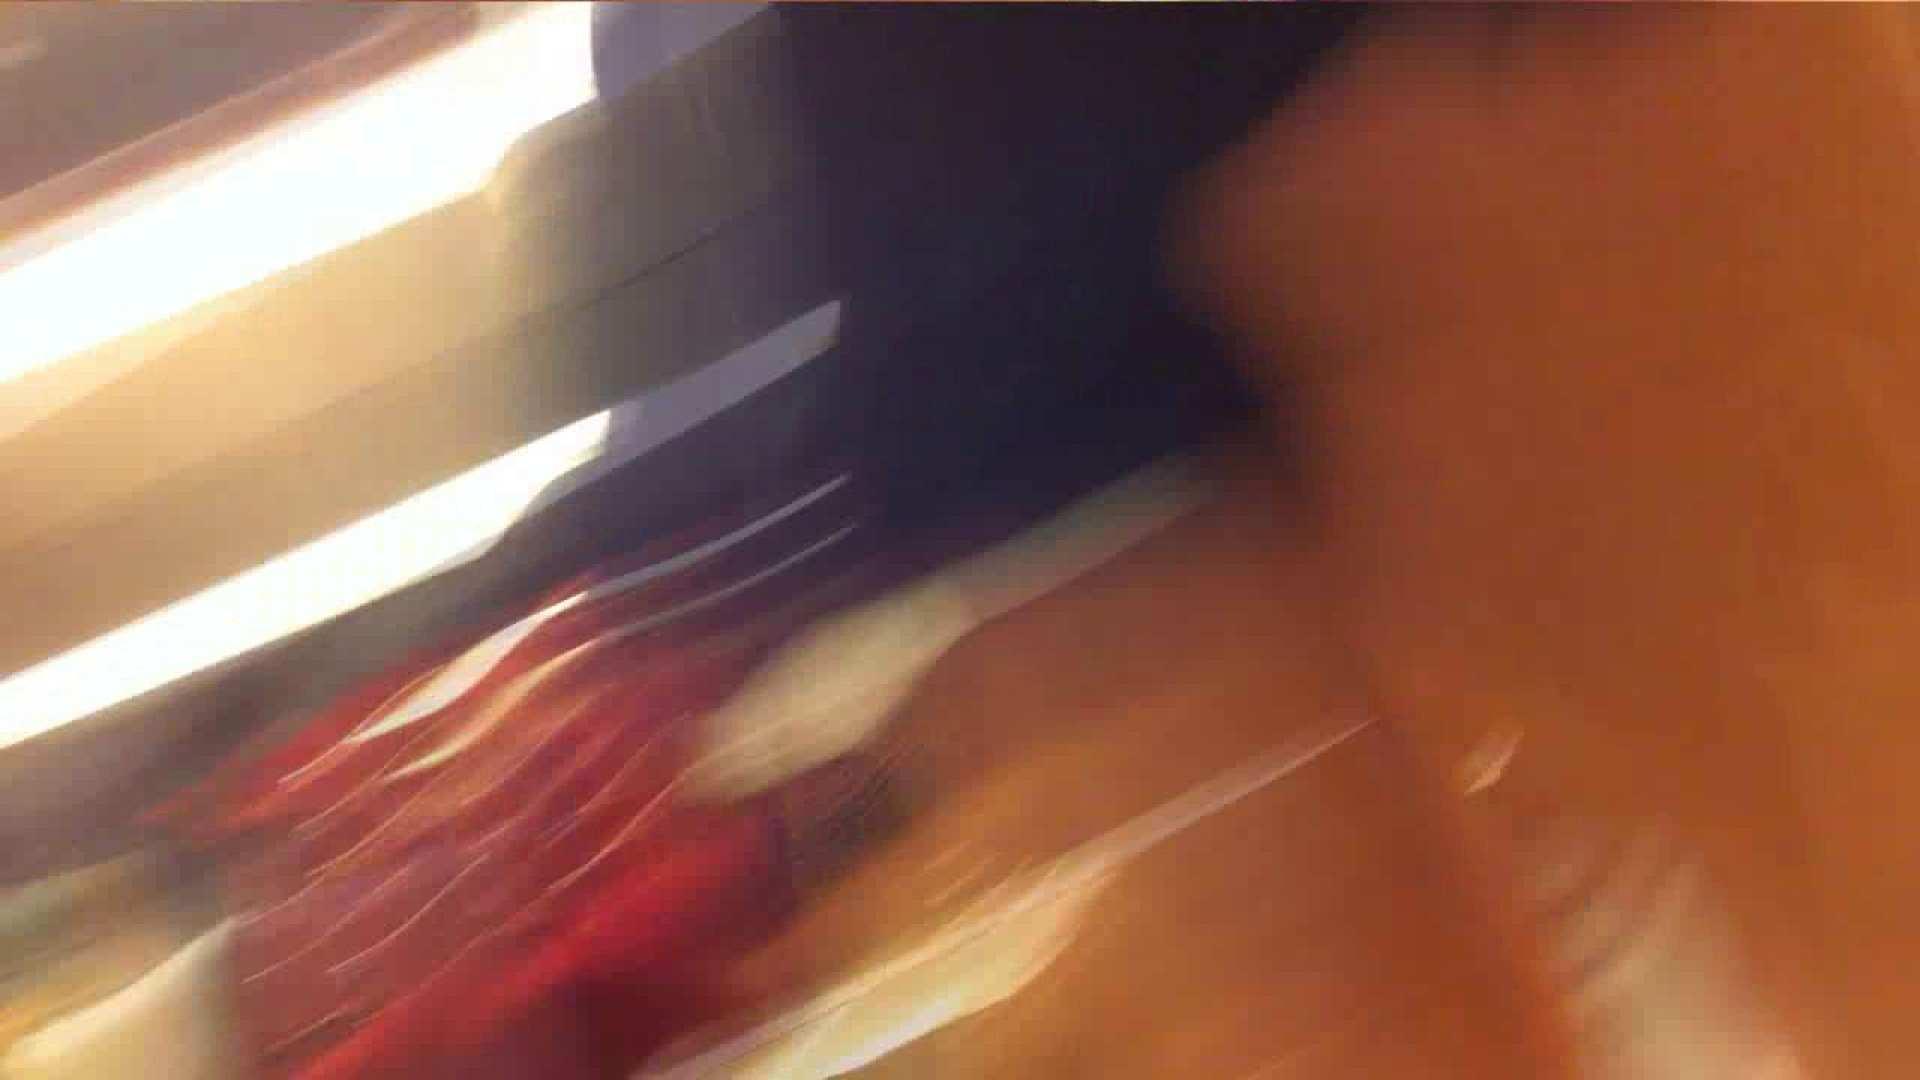 vol.33 美人アパレル胸チラ&パンチラ ギャル系ネーチャンの下着 OL  69pic 28